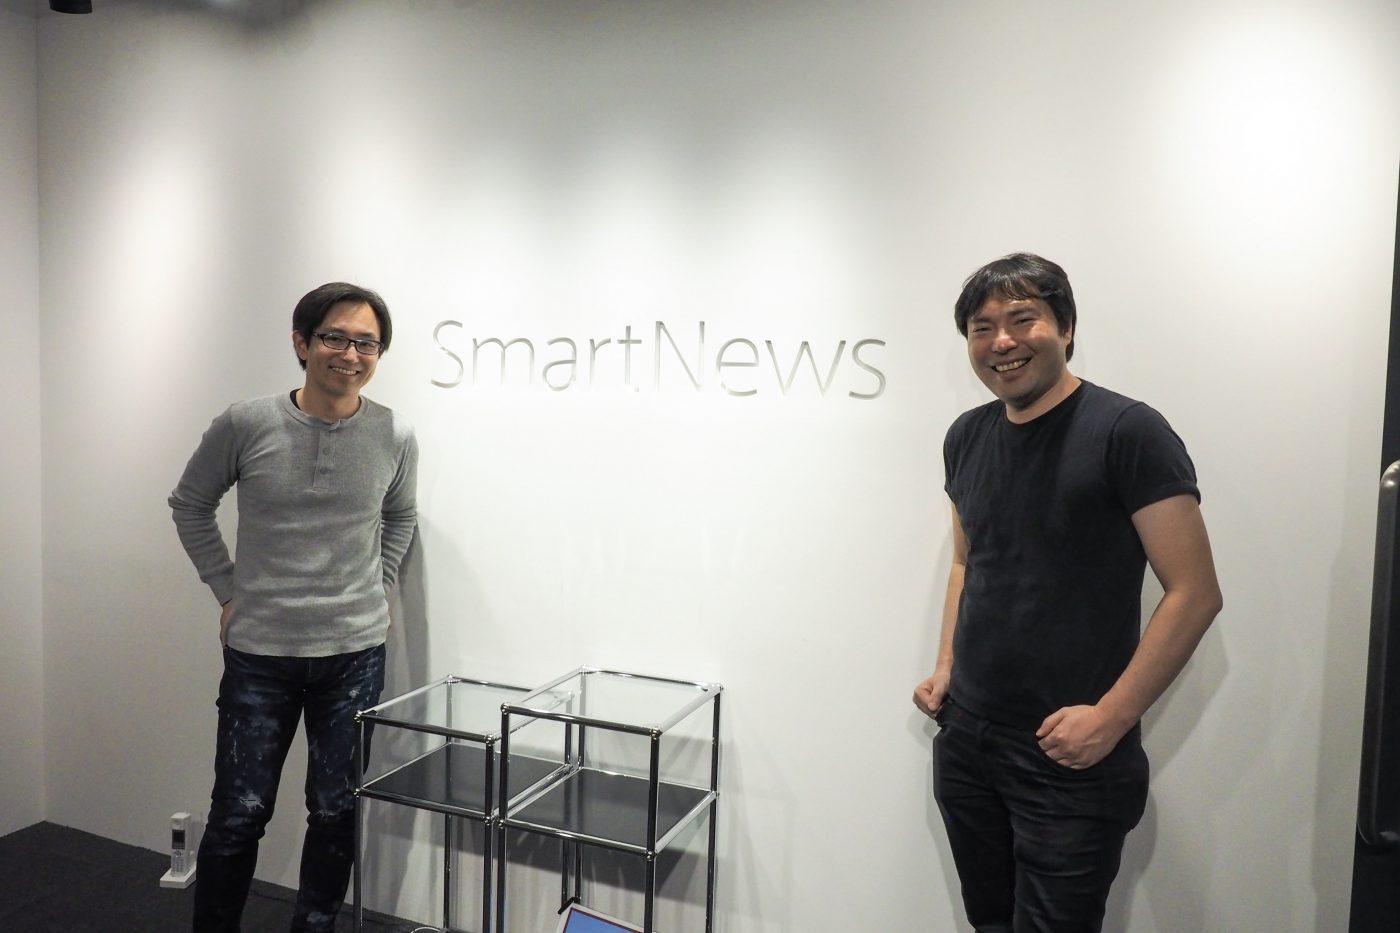 スマートニュース代表取締役会長 共同CEOの鈴木健氏(右)と、ITジャーナリストで元TechCrunch Japan編集長の西村賢(左)